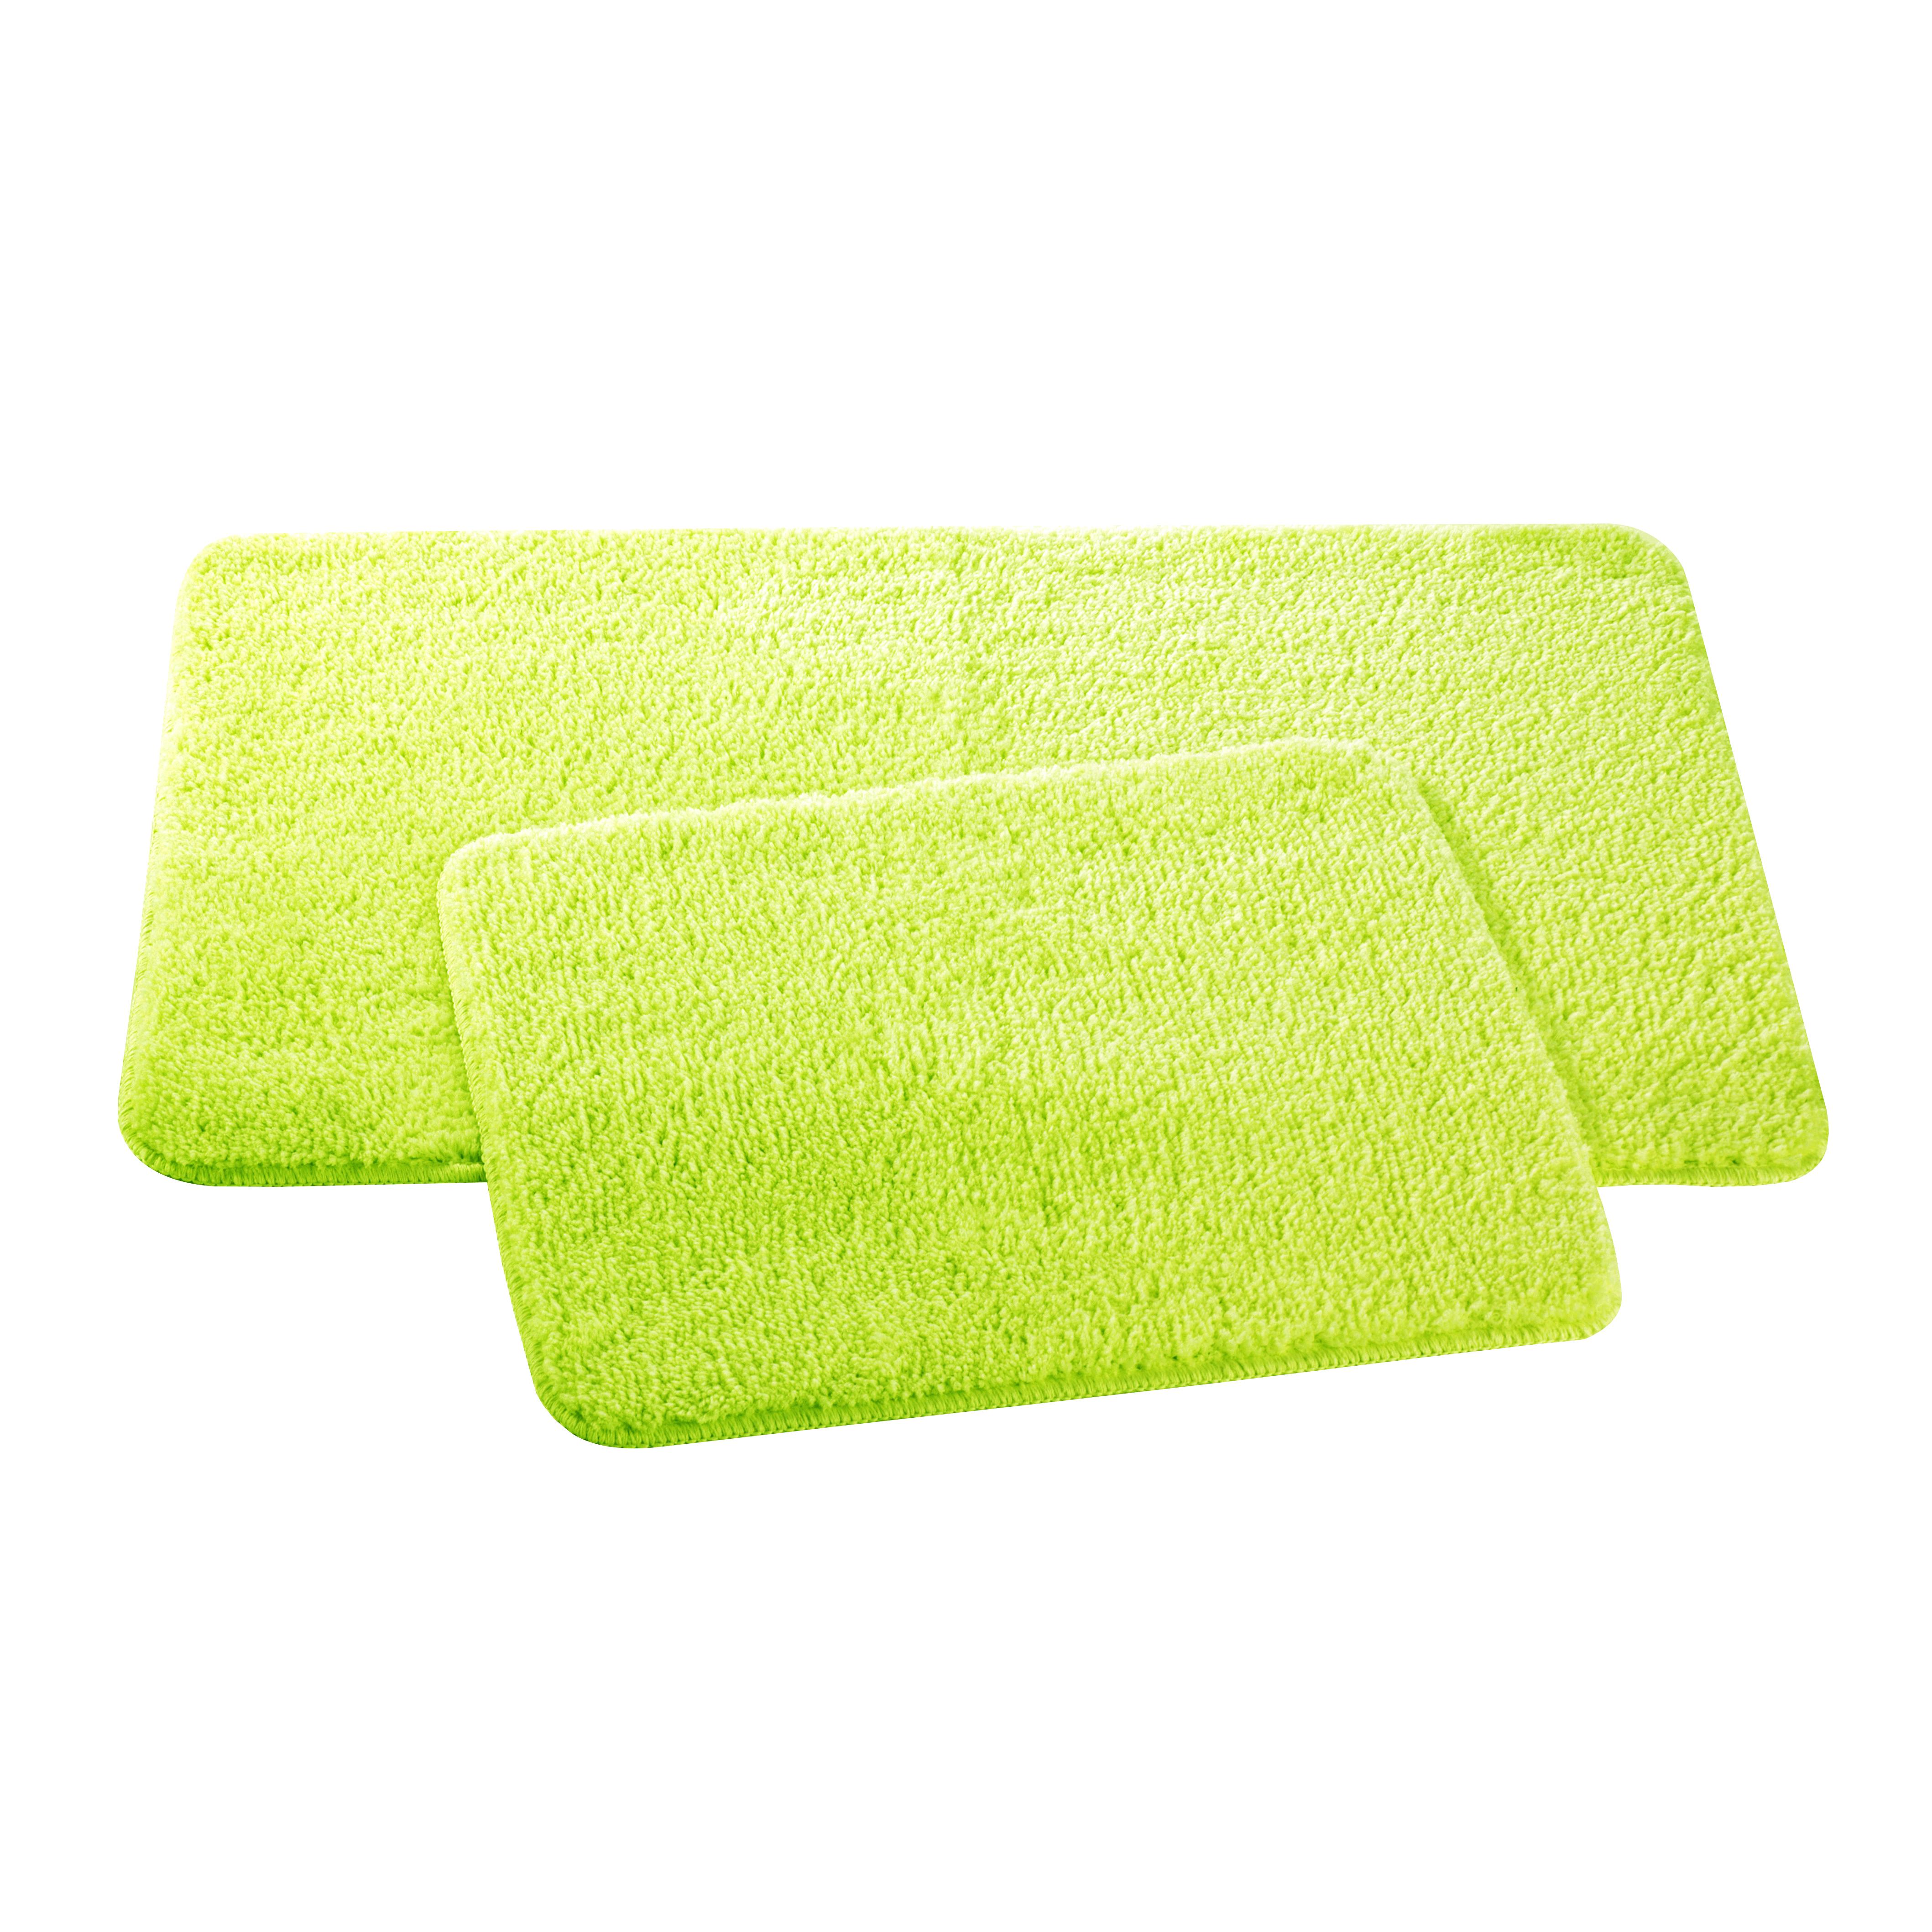 Набор ковриков для ванной и туалета Axentia, цвет: мятный, 2 штNN-605-LS-WНабор Axentia, выполненный из микрофибры (100% полиэстер), состоит из двух стеганых ковриков для ванной комнаты и туалета. Противоскользящее основание изготовлено из термопластичной резины и подходит для полов с подогревом. Коврики мягкие и приятные на ощупь, отлично впитывают влагу и быстро сохнут. Высокая износостойкость ковриков и стойкость цвета позволит вам наслаждаться покупкой долгие годы. Можно стирать в стиральной машине. Размер ковриков: 50 х 80 см; 50 х 40 см.Высота ворса 1,5 см.